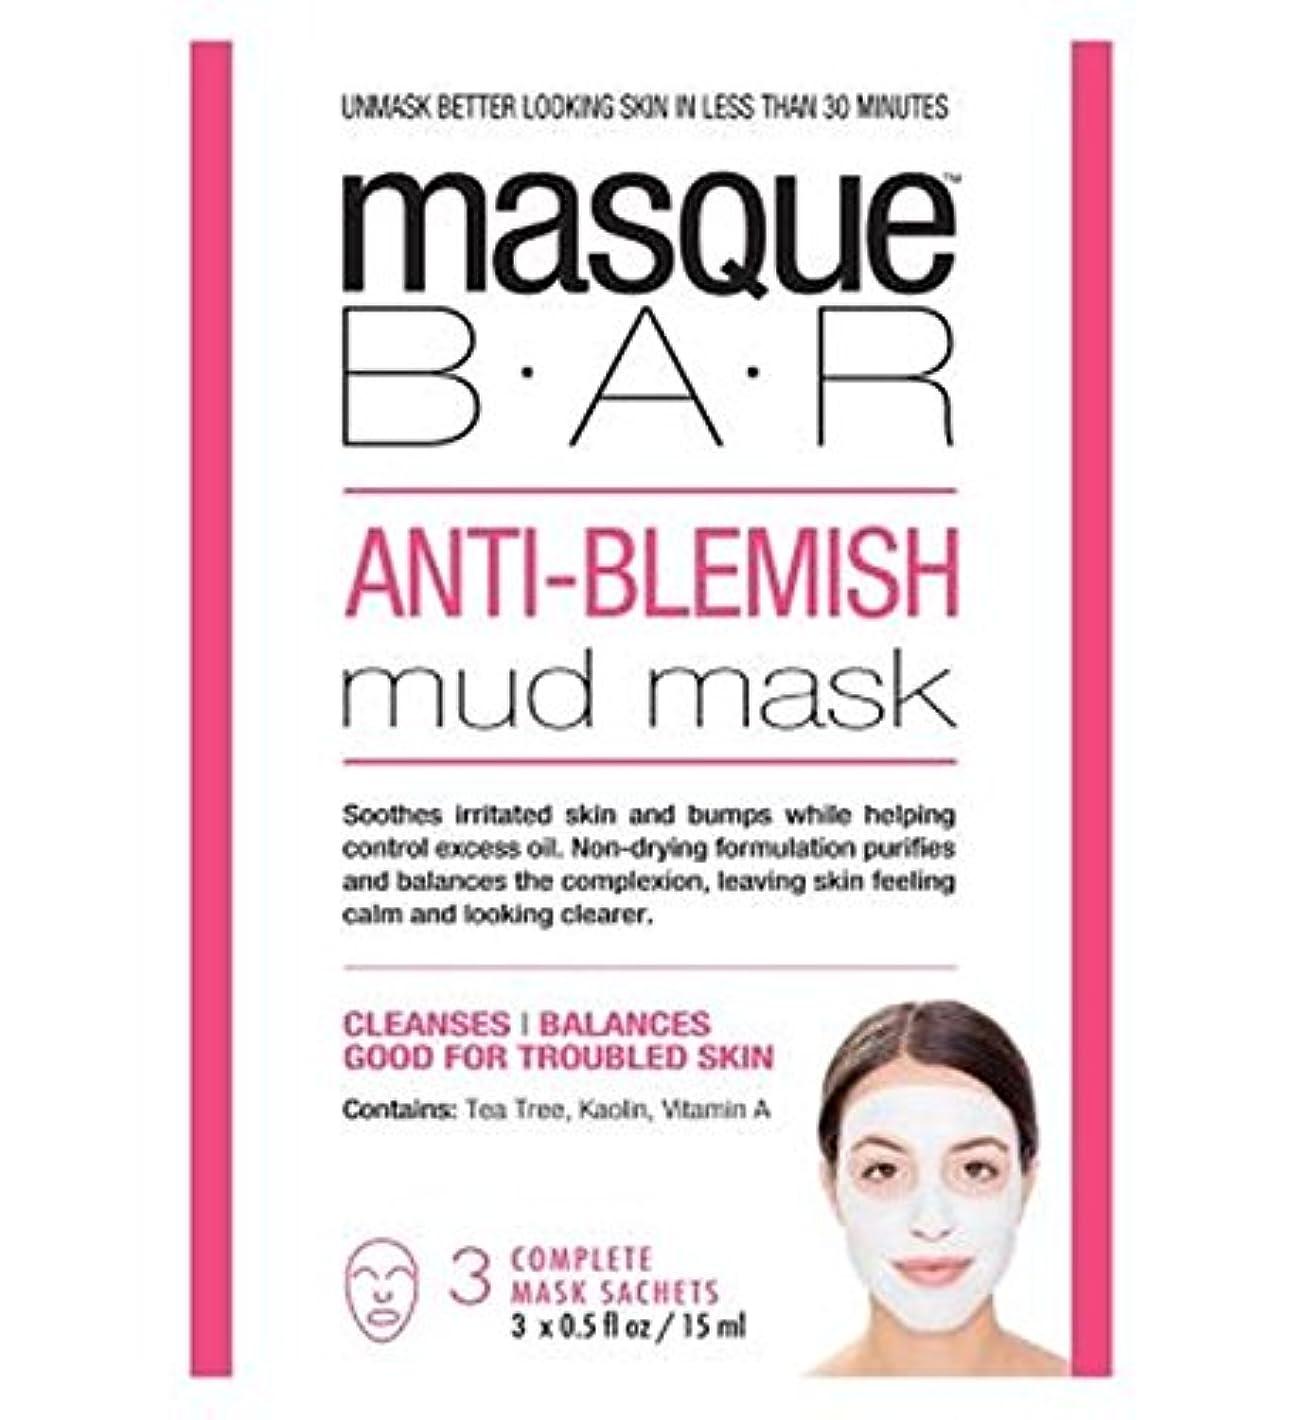 グロー詳細なラインMasque Bar Anti-Blemish Mud Mask - 3s - 仮面劇バー抗傷泥マスク - 3S (P6B Masque Bar Bt) [並行輸入品]